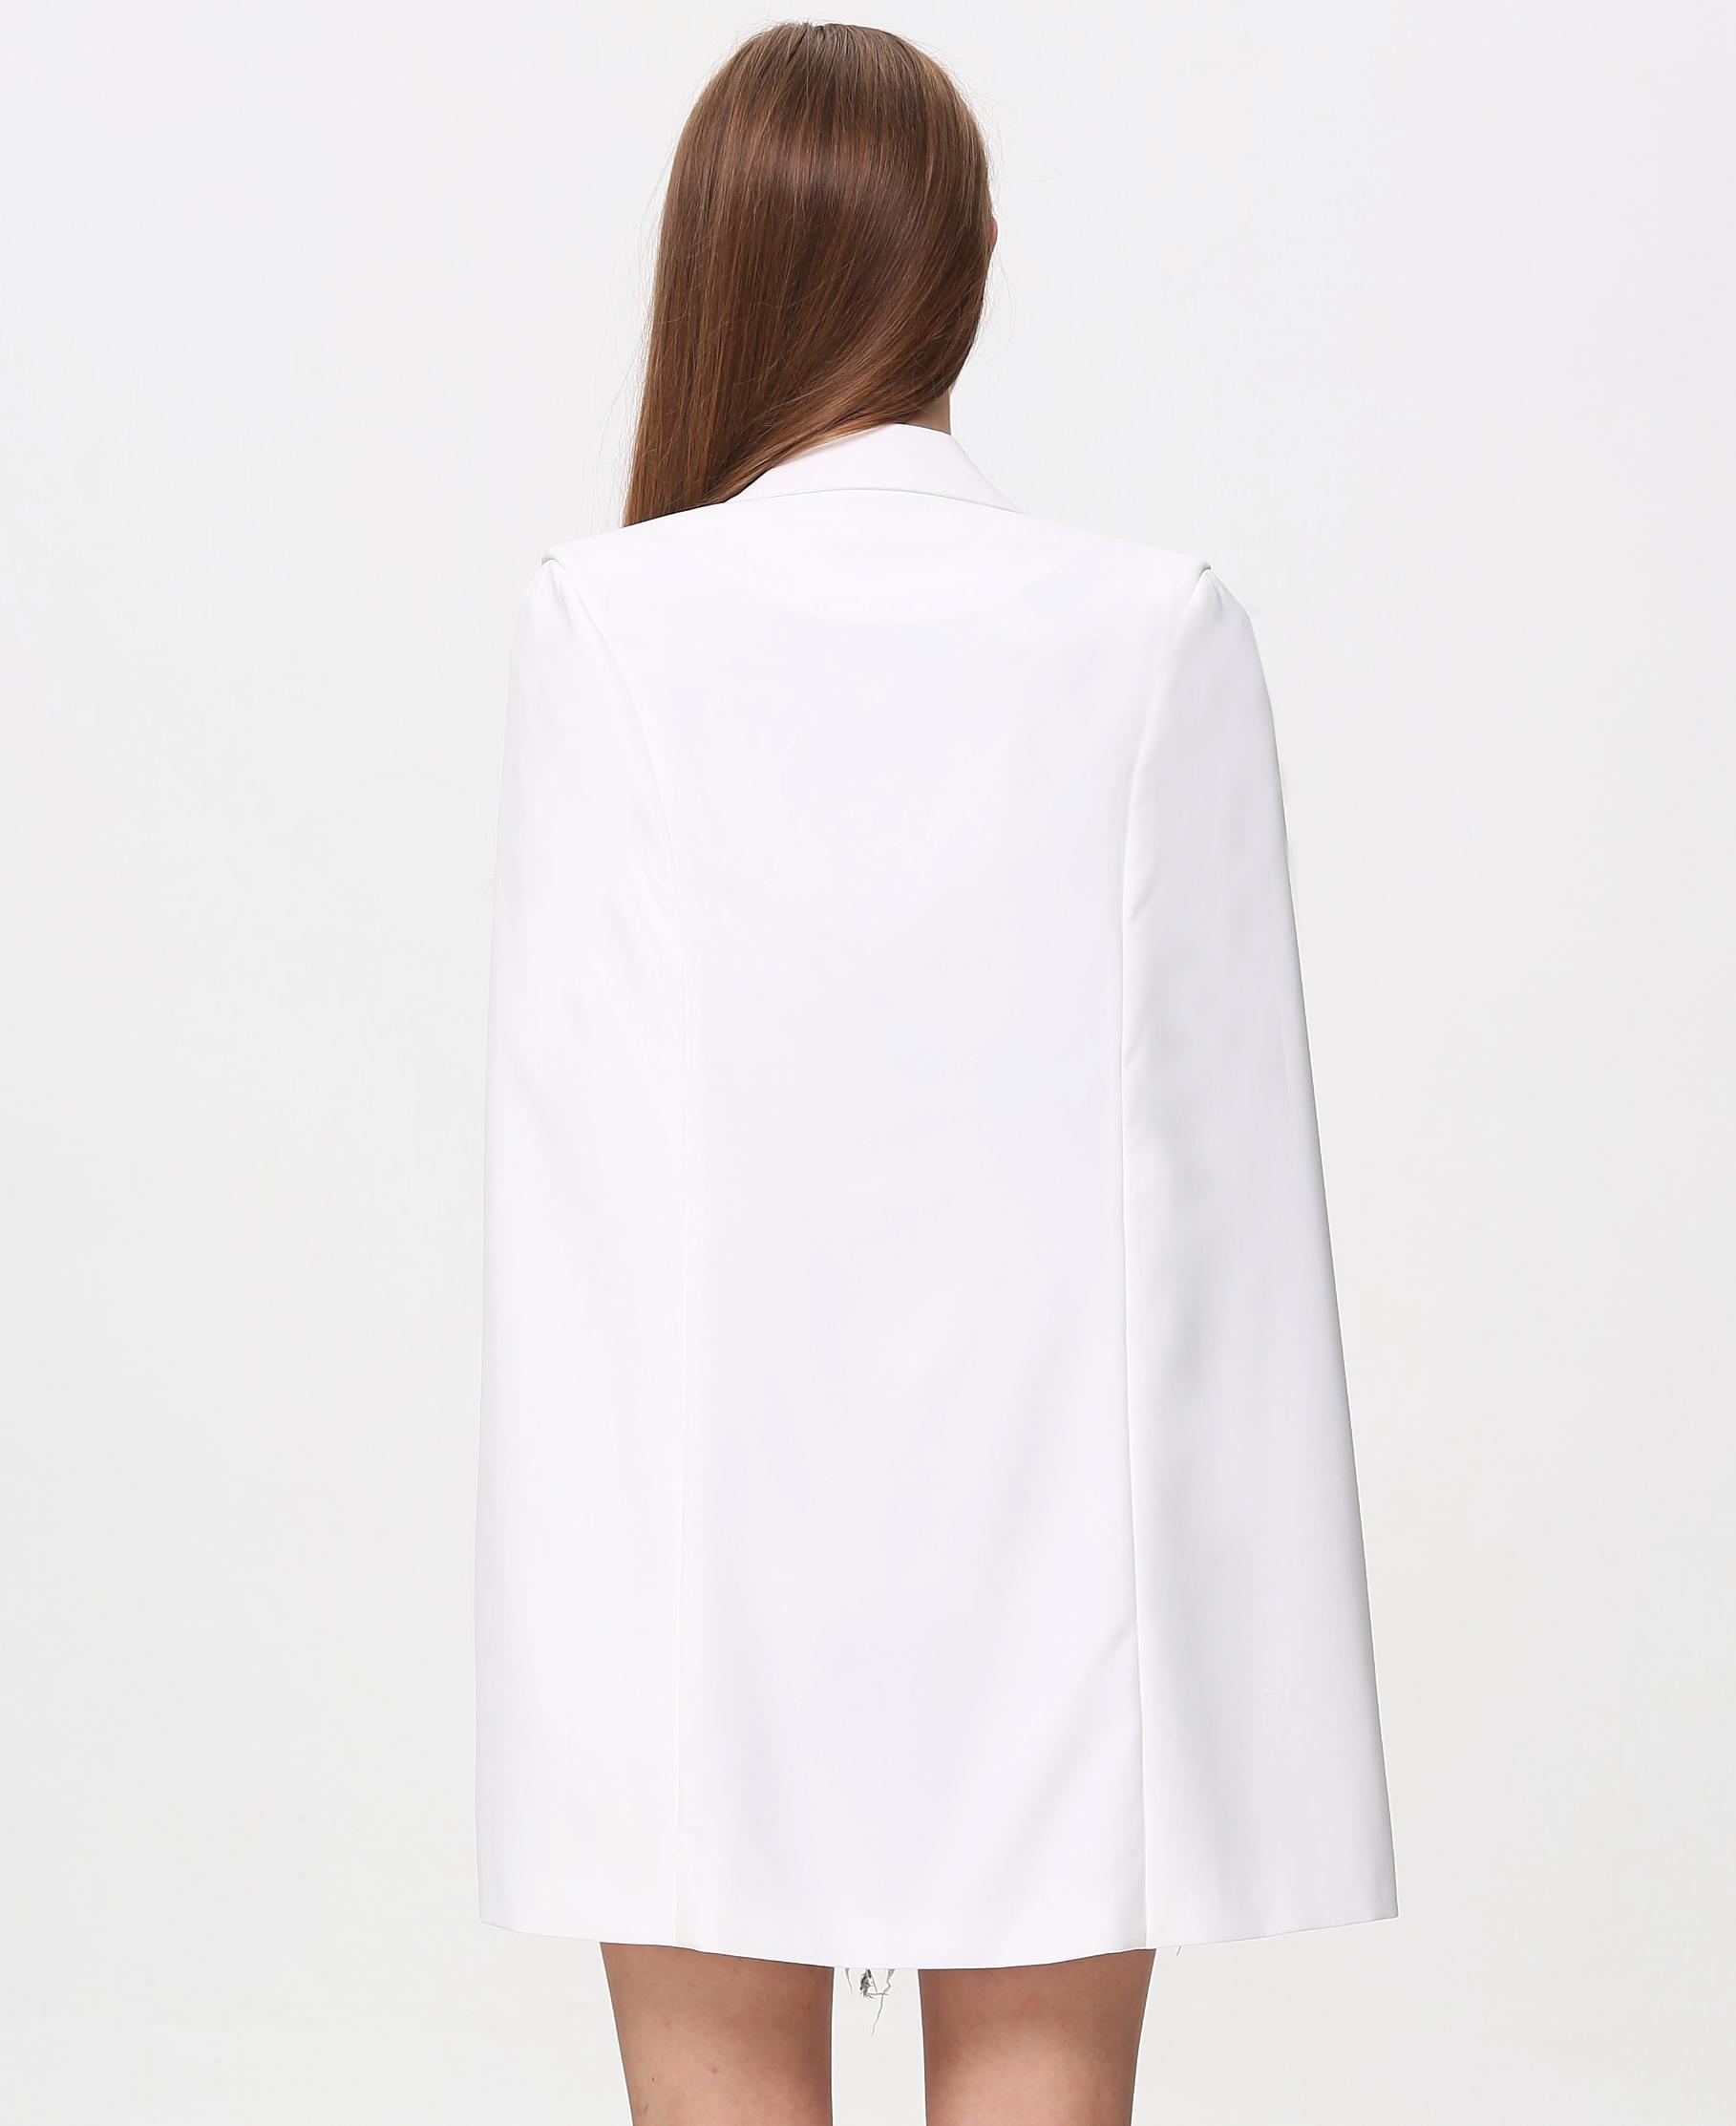 White Notch Lapel Cape Style Blazer - Sheinside.com